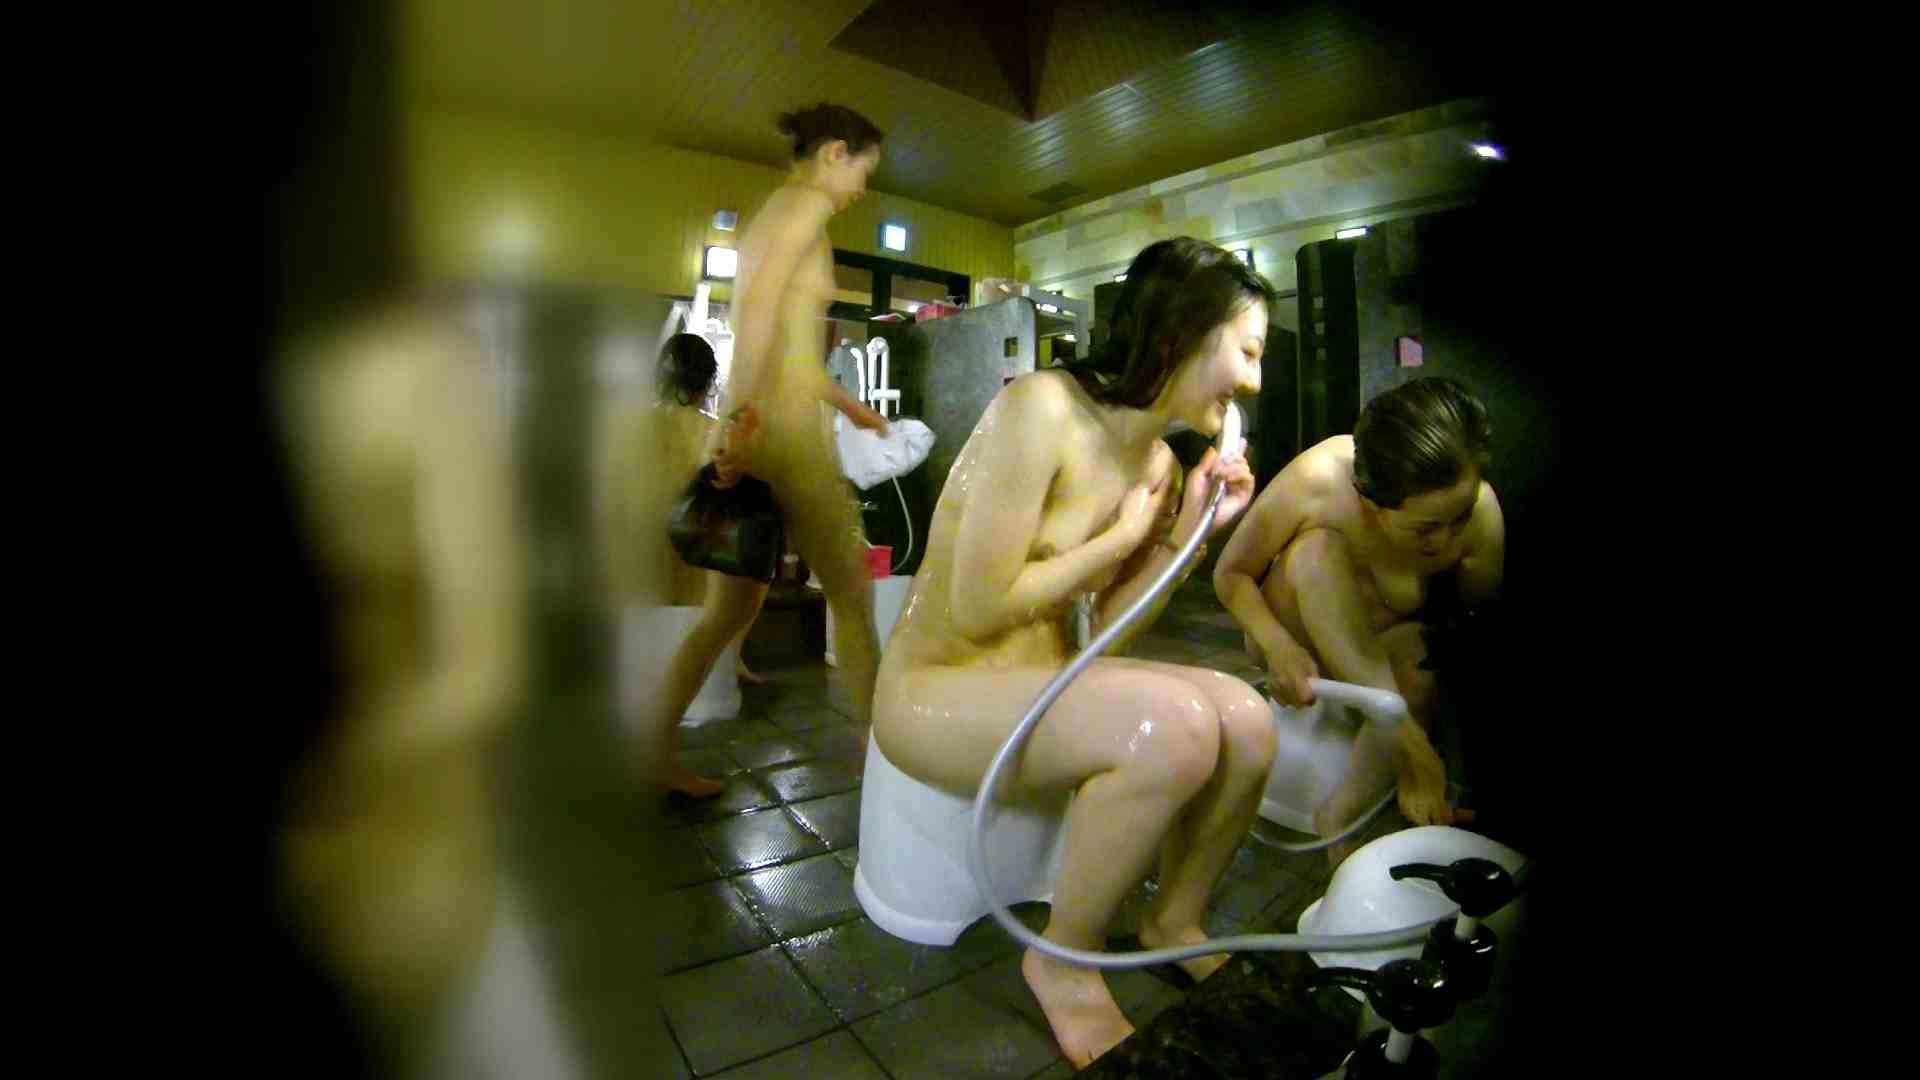 洗い場!右足の位置がいいですね。陰毛もっさり! 細身女性 すけべAV動画紹介 111画像 73